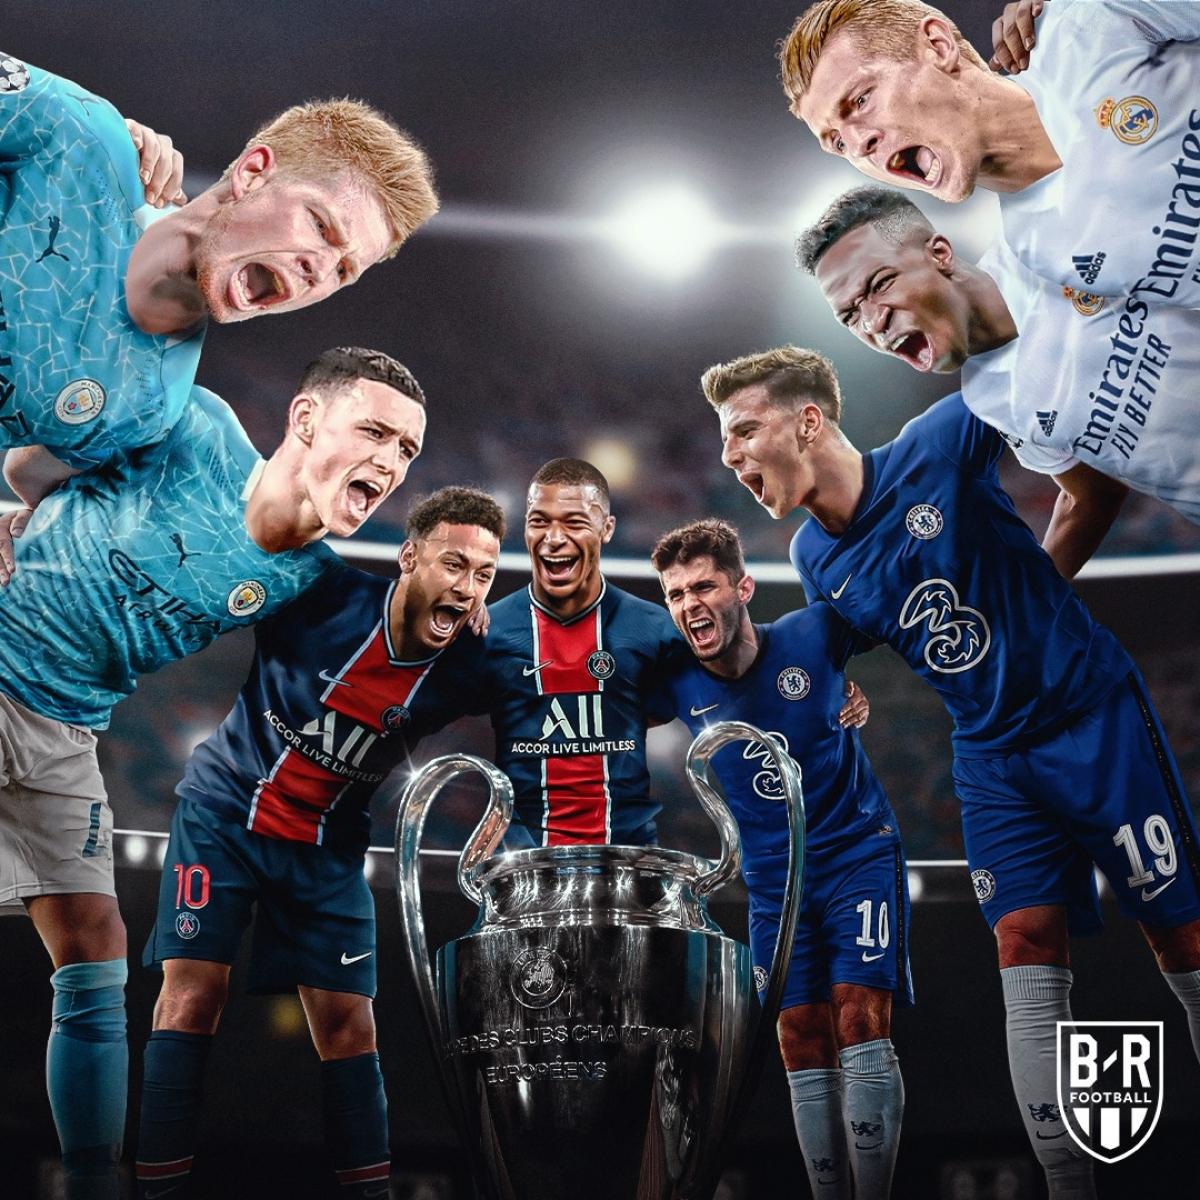 Champions League sẽ trở lại bằng các trận đấu lượt về vòng bán kết.